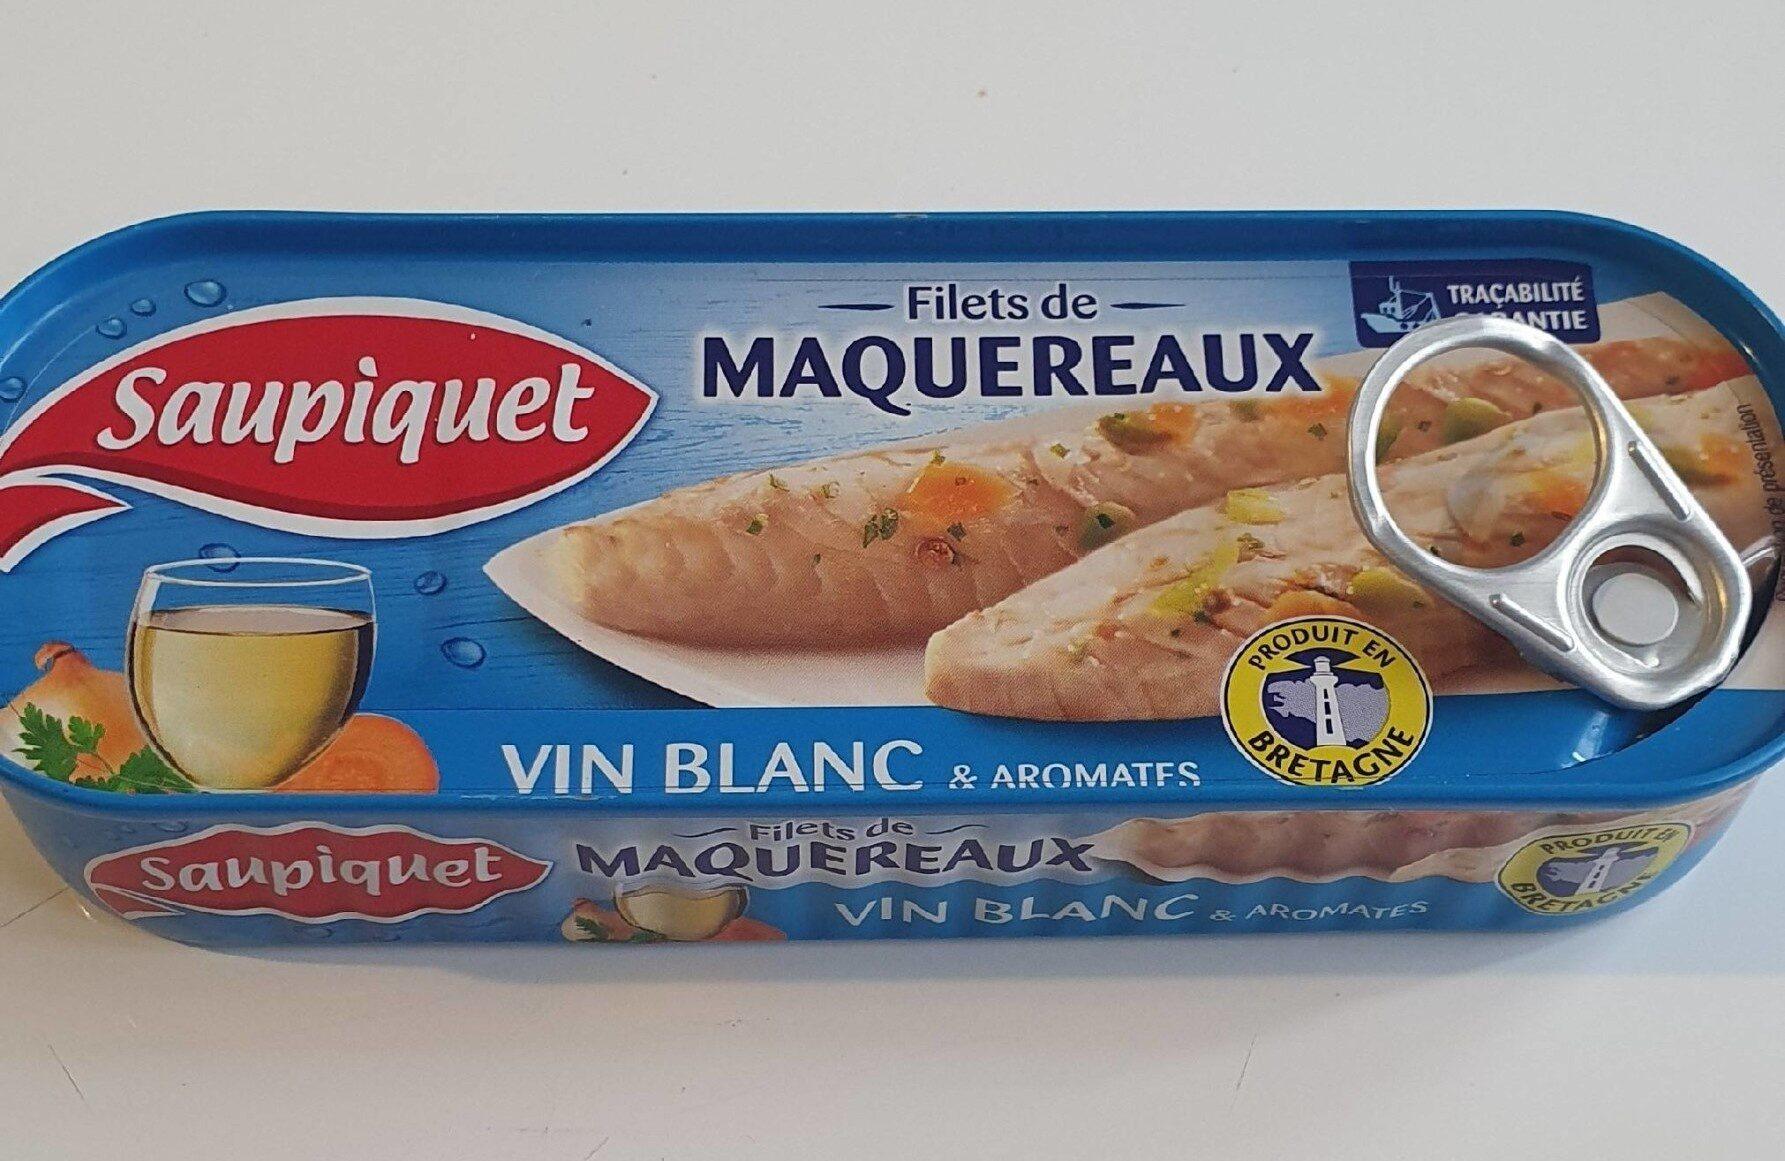 Fillet de Maquereaux vin blanc & aromates - Prodotto - fr